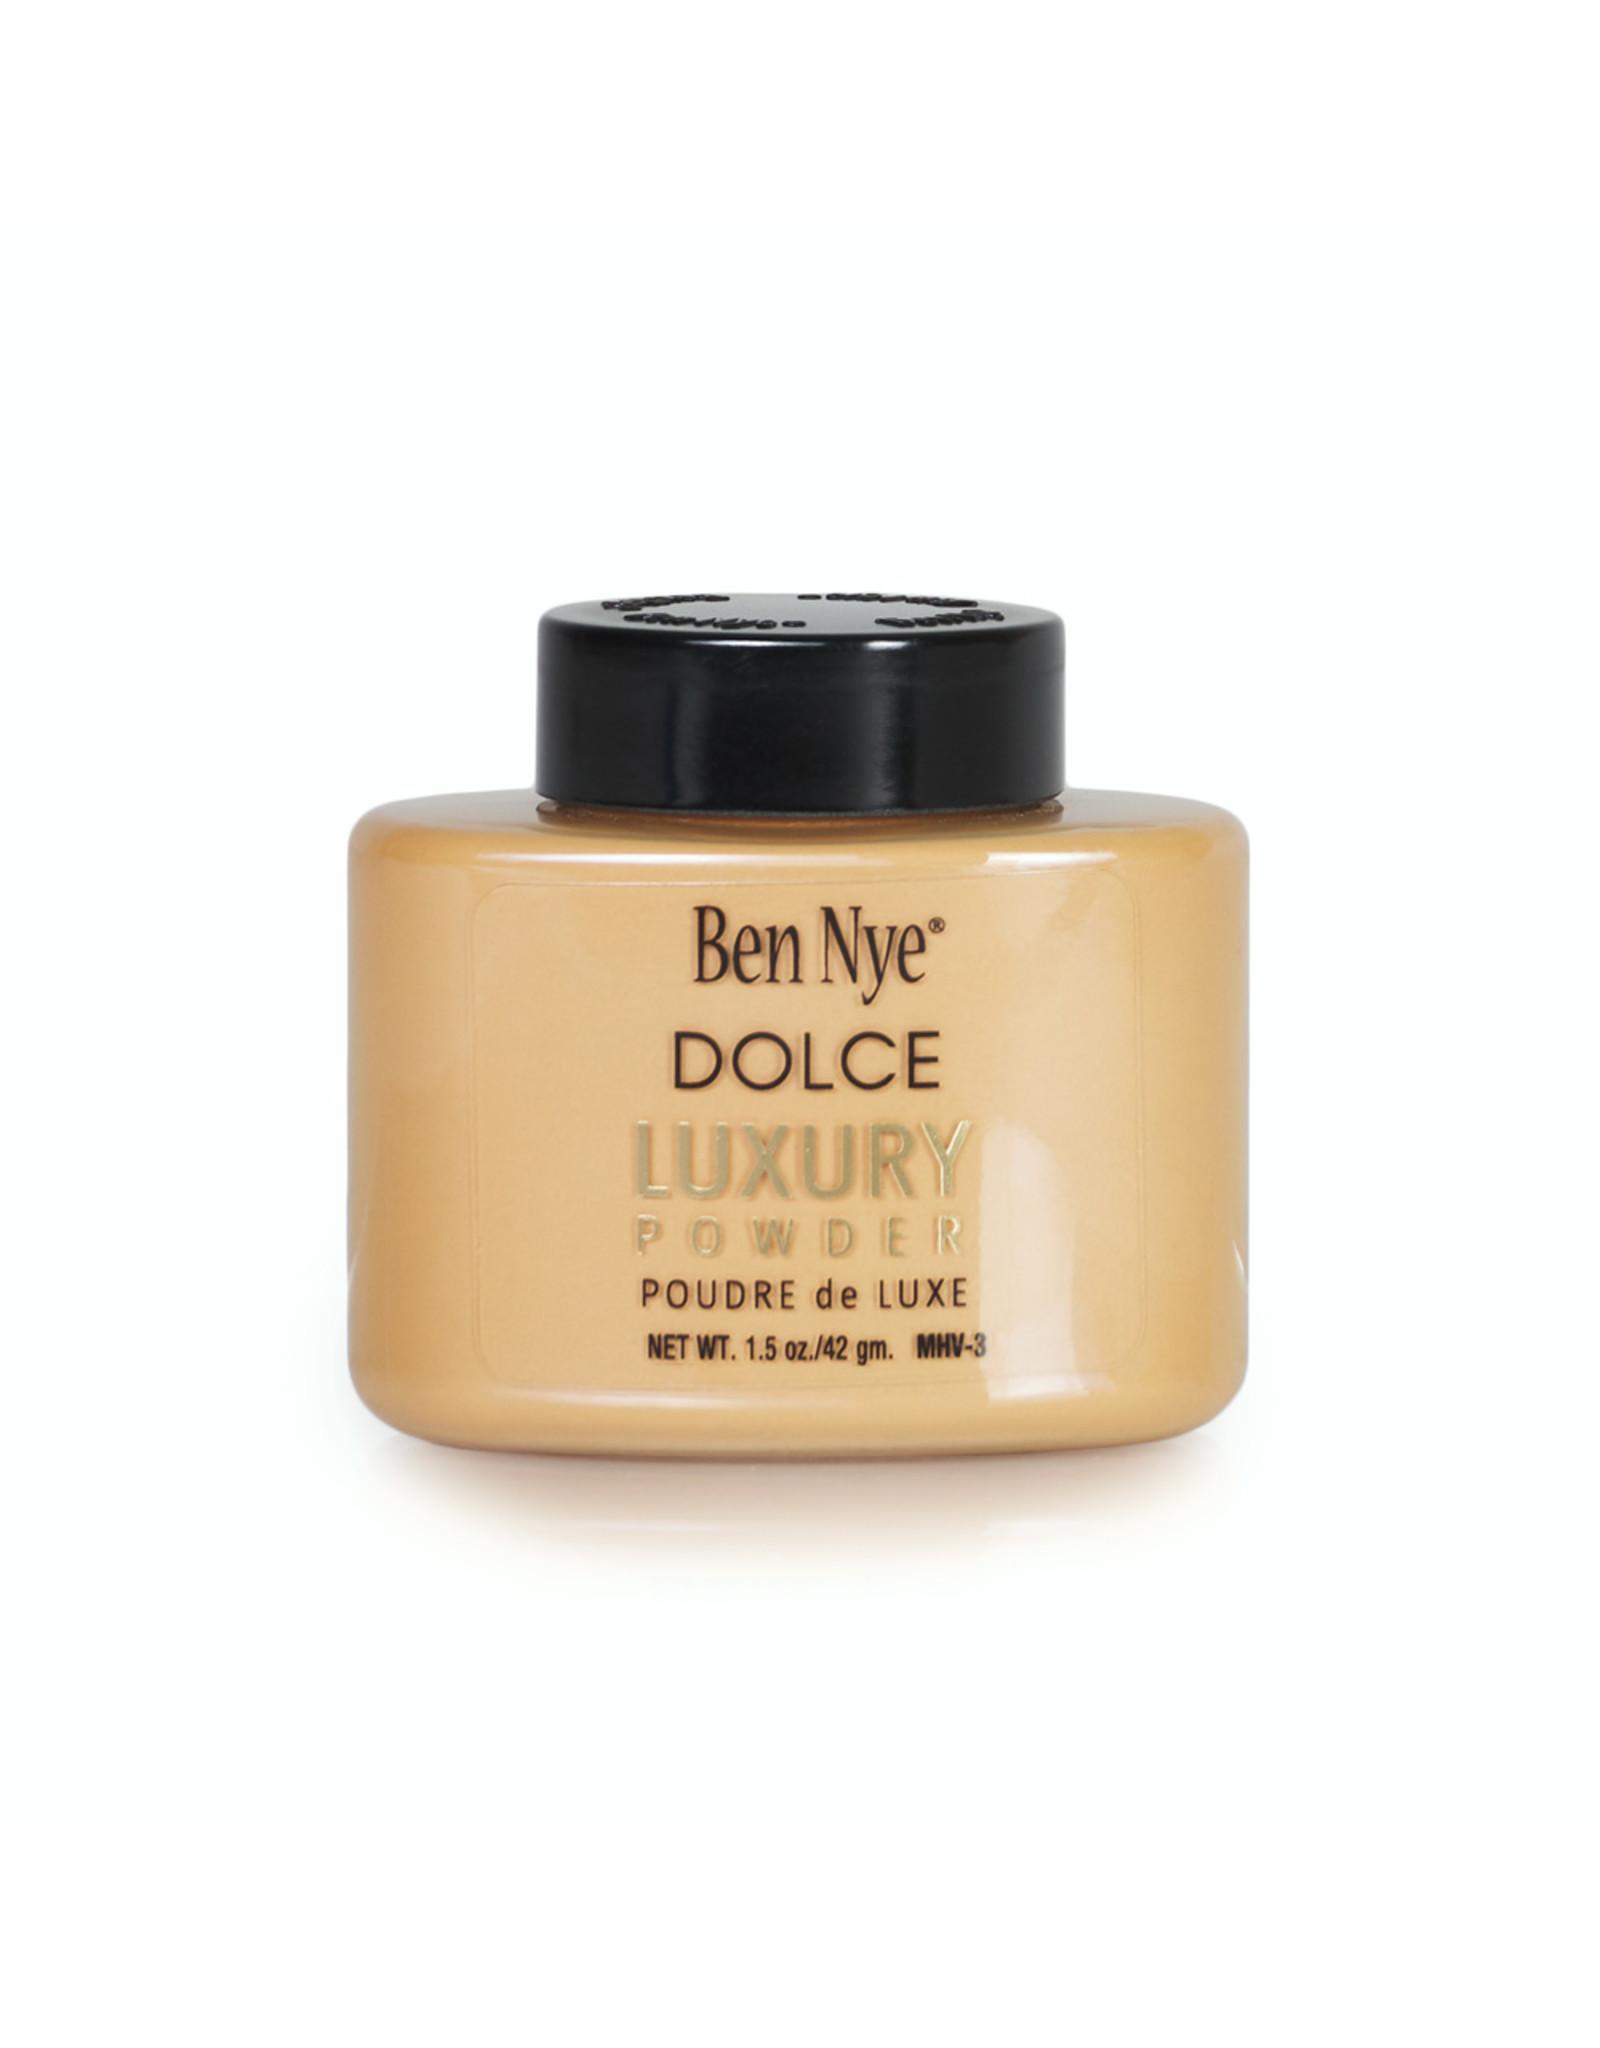 Ben Nye Ben Nye Dolce Luxury Powder